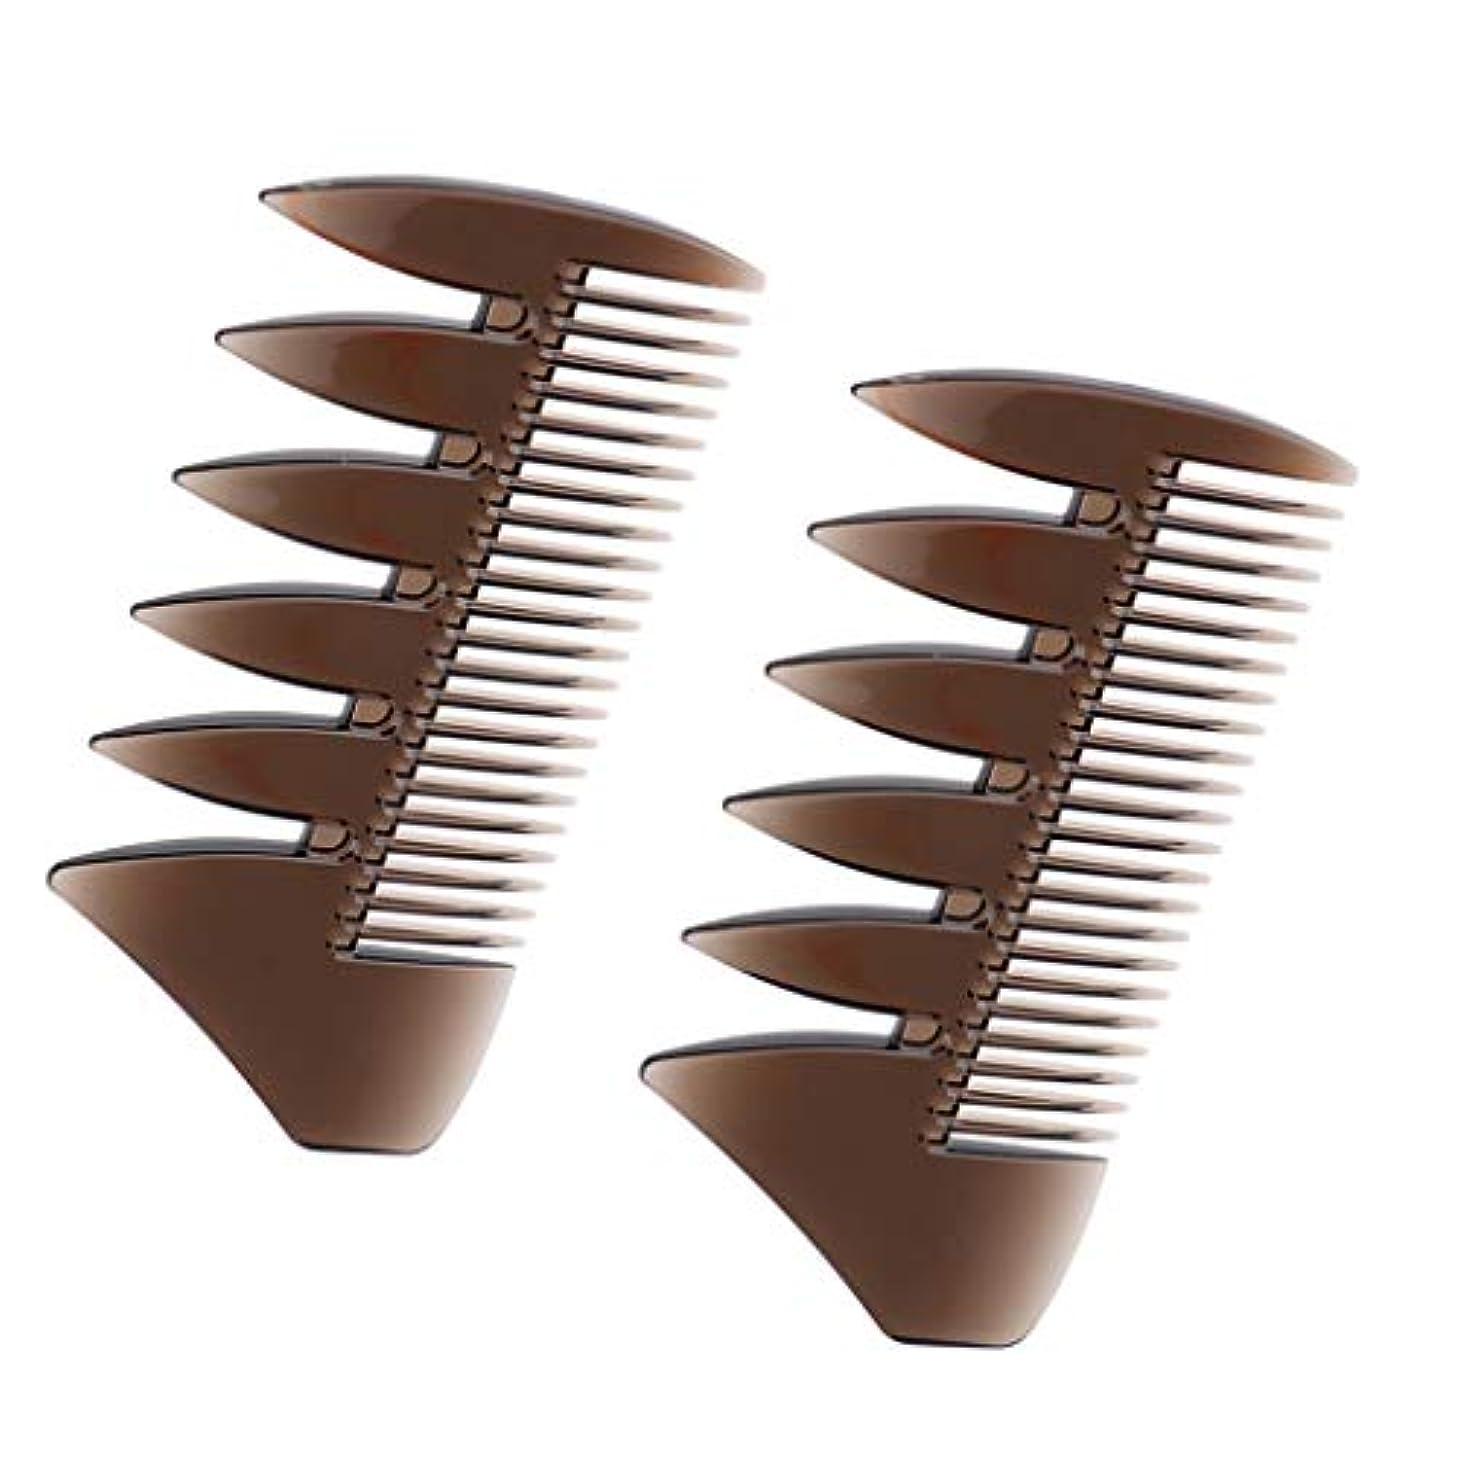 以降レイアウトキャンプSharplace ヘアコンビ デュアルサイド メンズ 髪櫛 ヘアサロン ヘアスタイリング 散髪店/美容院専用櫛2個入